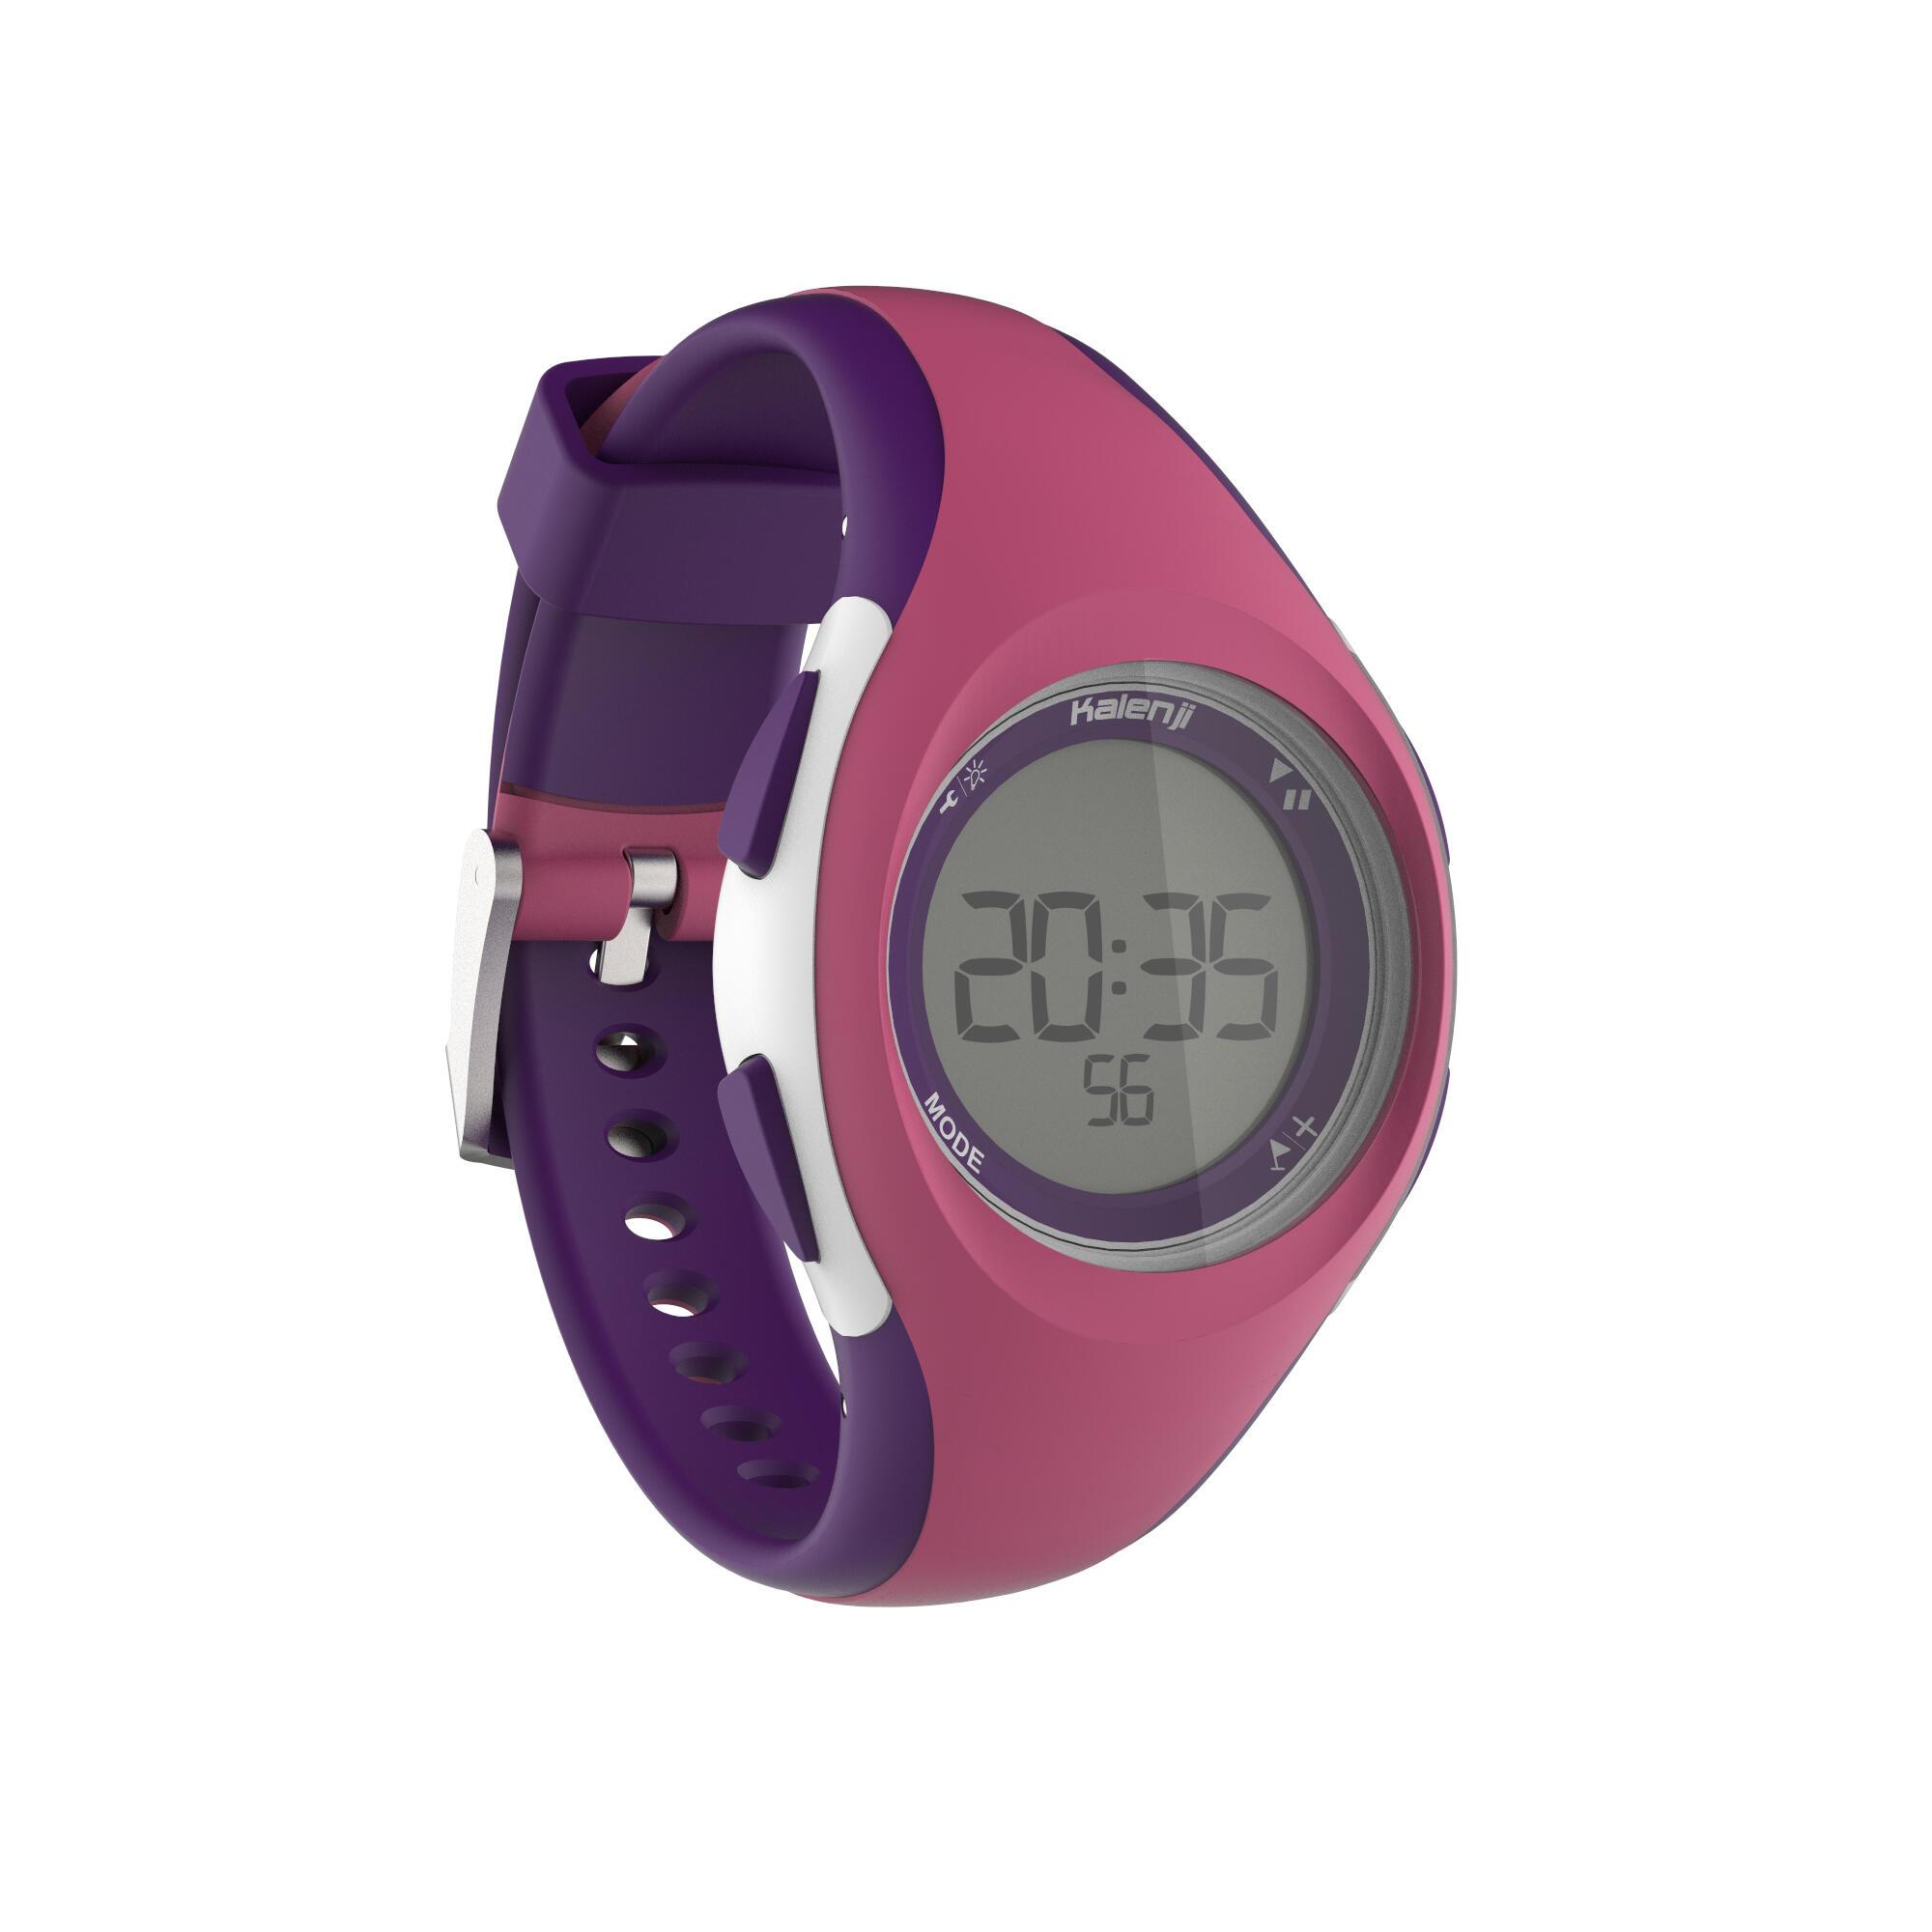 Reloj sport dama y junior W200 S temporizador rosa y morado